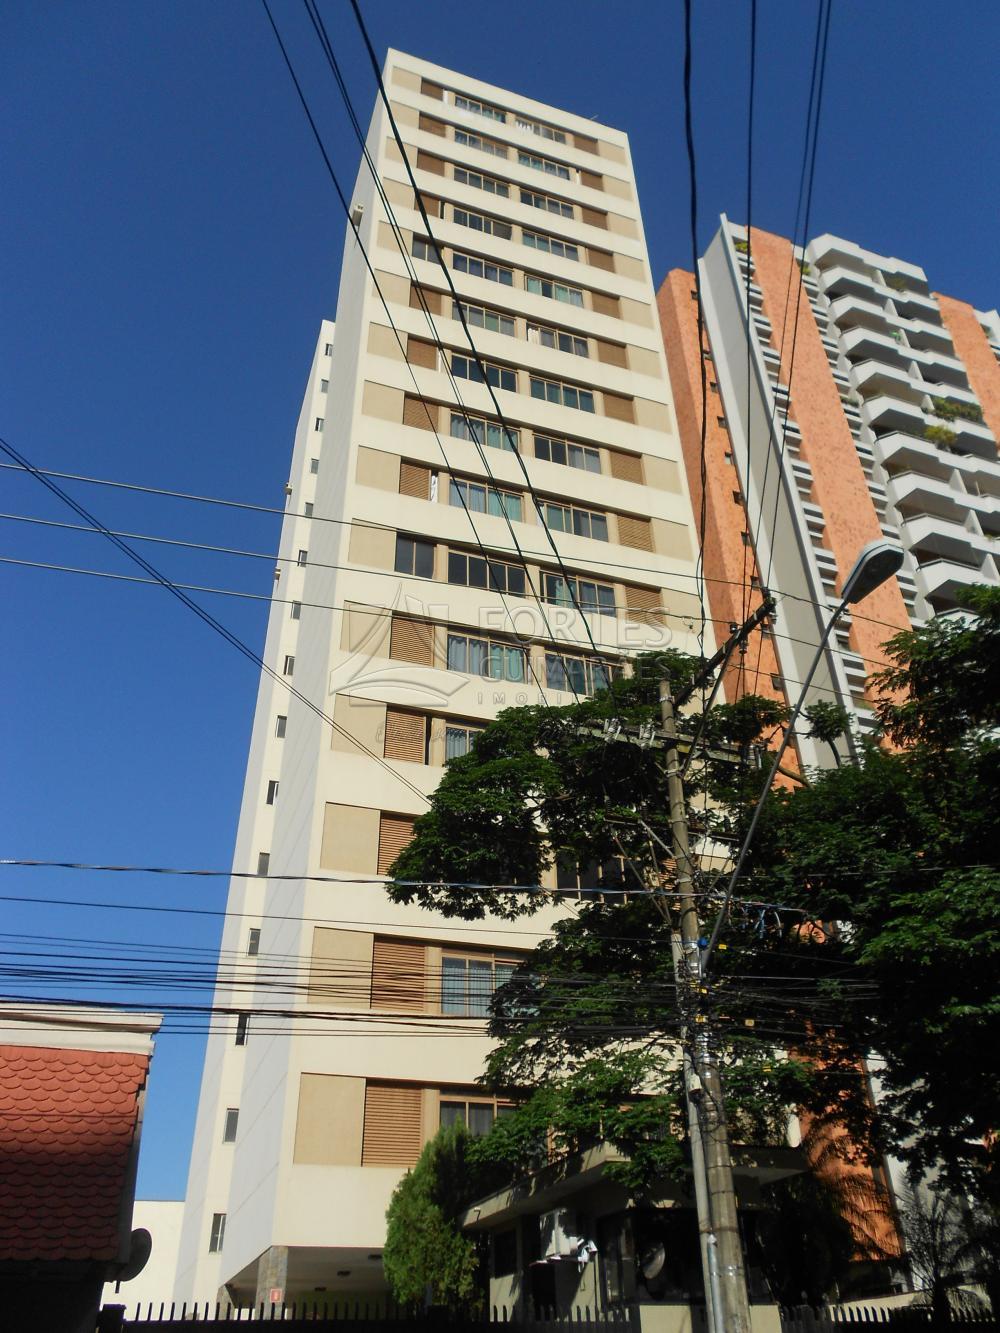 Alugar Apartamentos / Padrão em Ribeirão Preto apenas R$ 750,00 - Foto 12